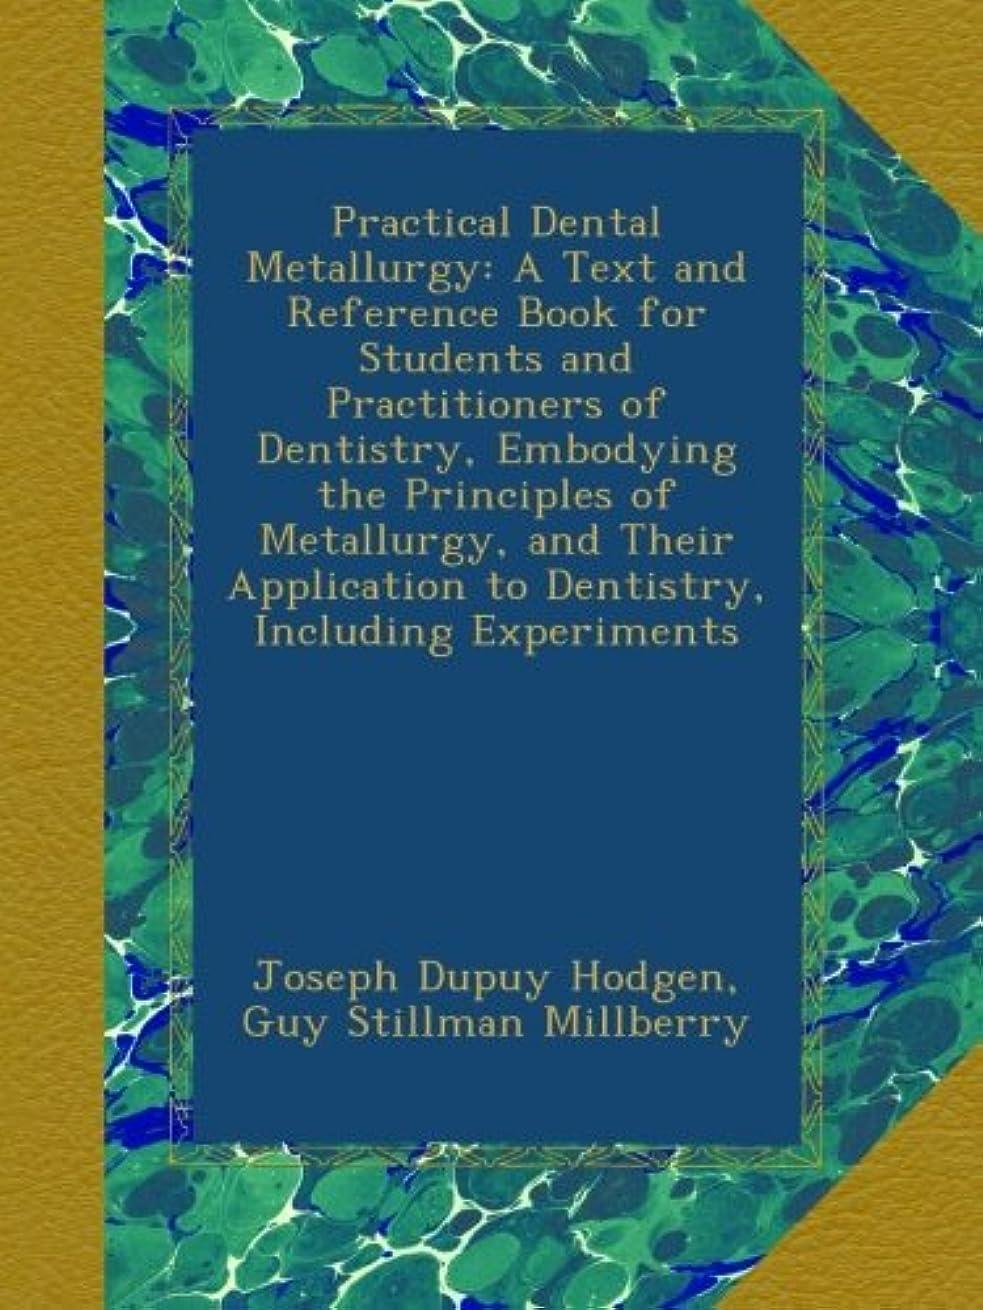 構成する欠如崇拝するPractical Dental Metallurgy: A Text and Reference Book for Students and Practitioners of Dentistry, Embodying the Principles of Metallurgy, and Their Application to Dentistry, Including Experiments